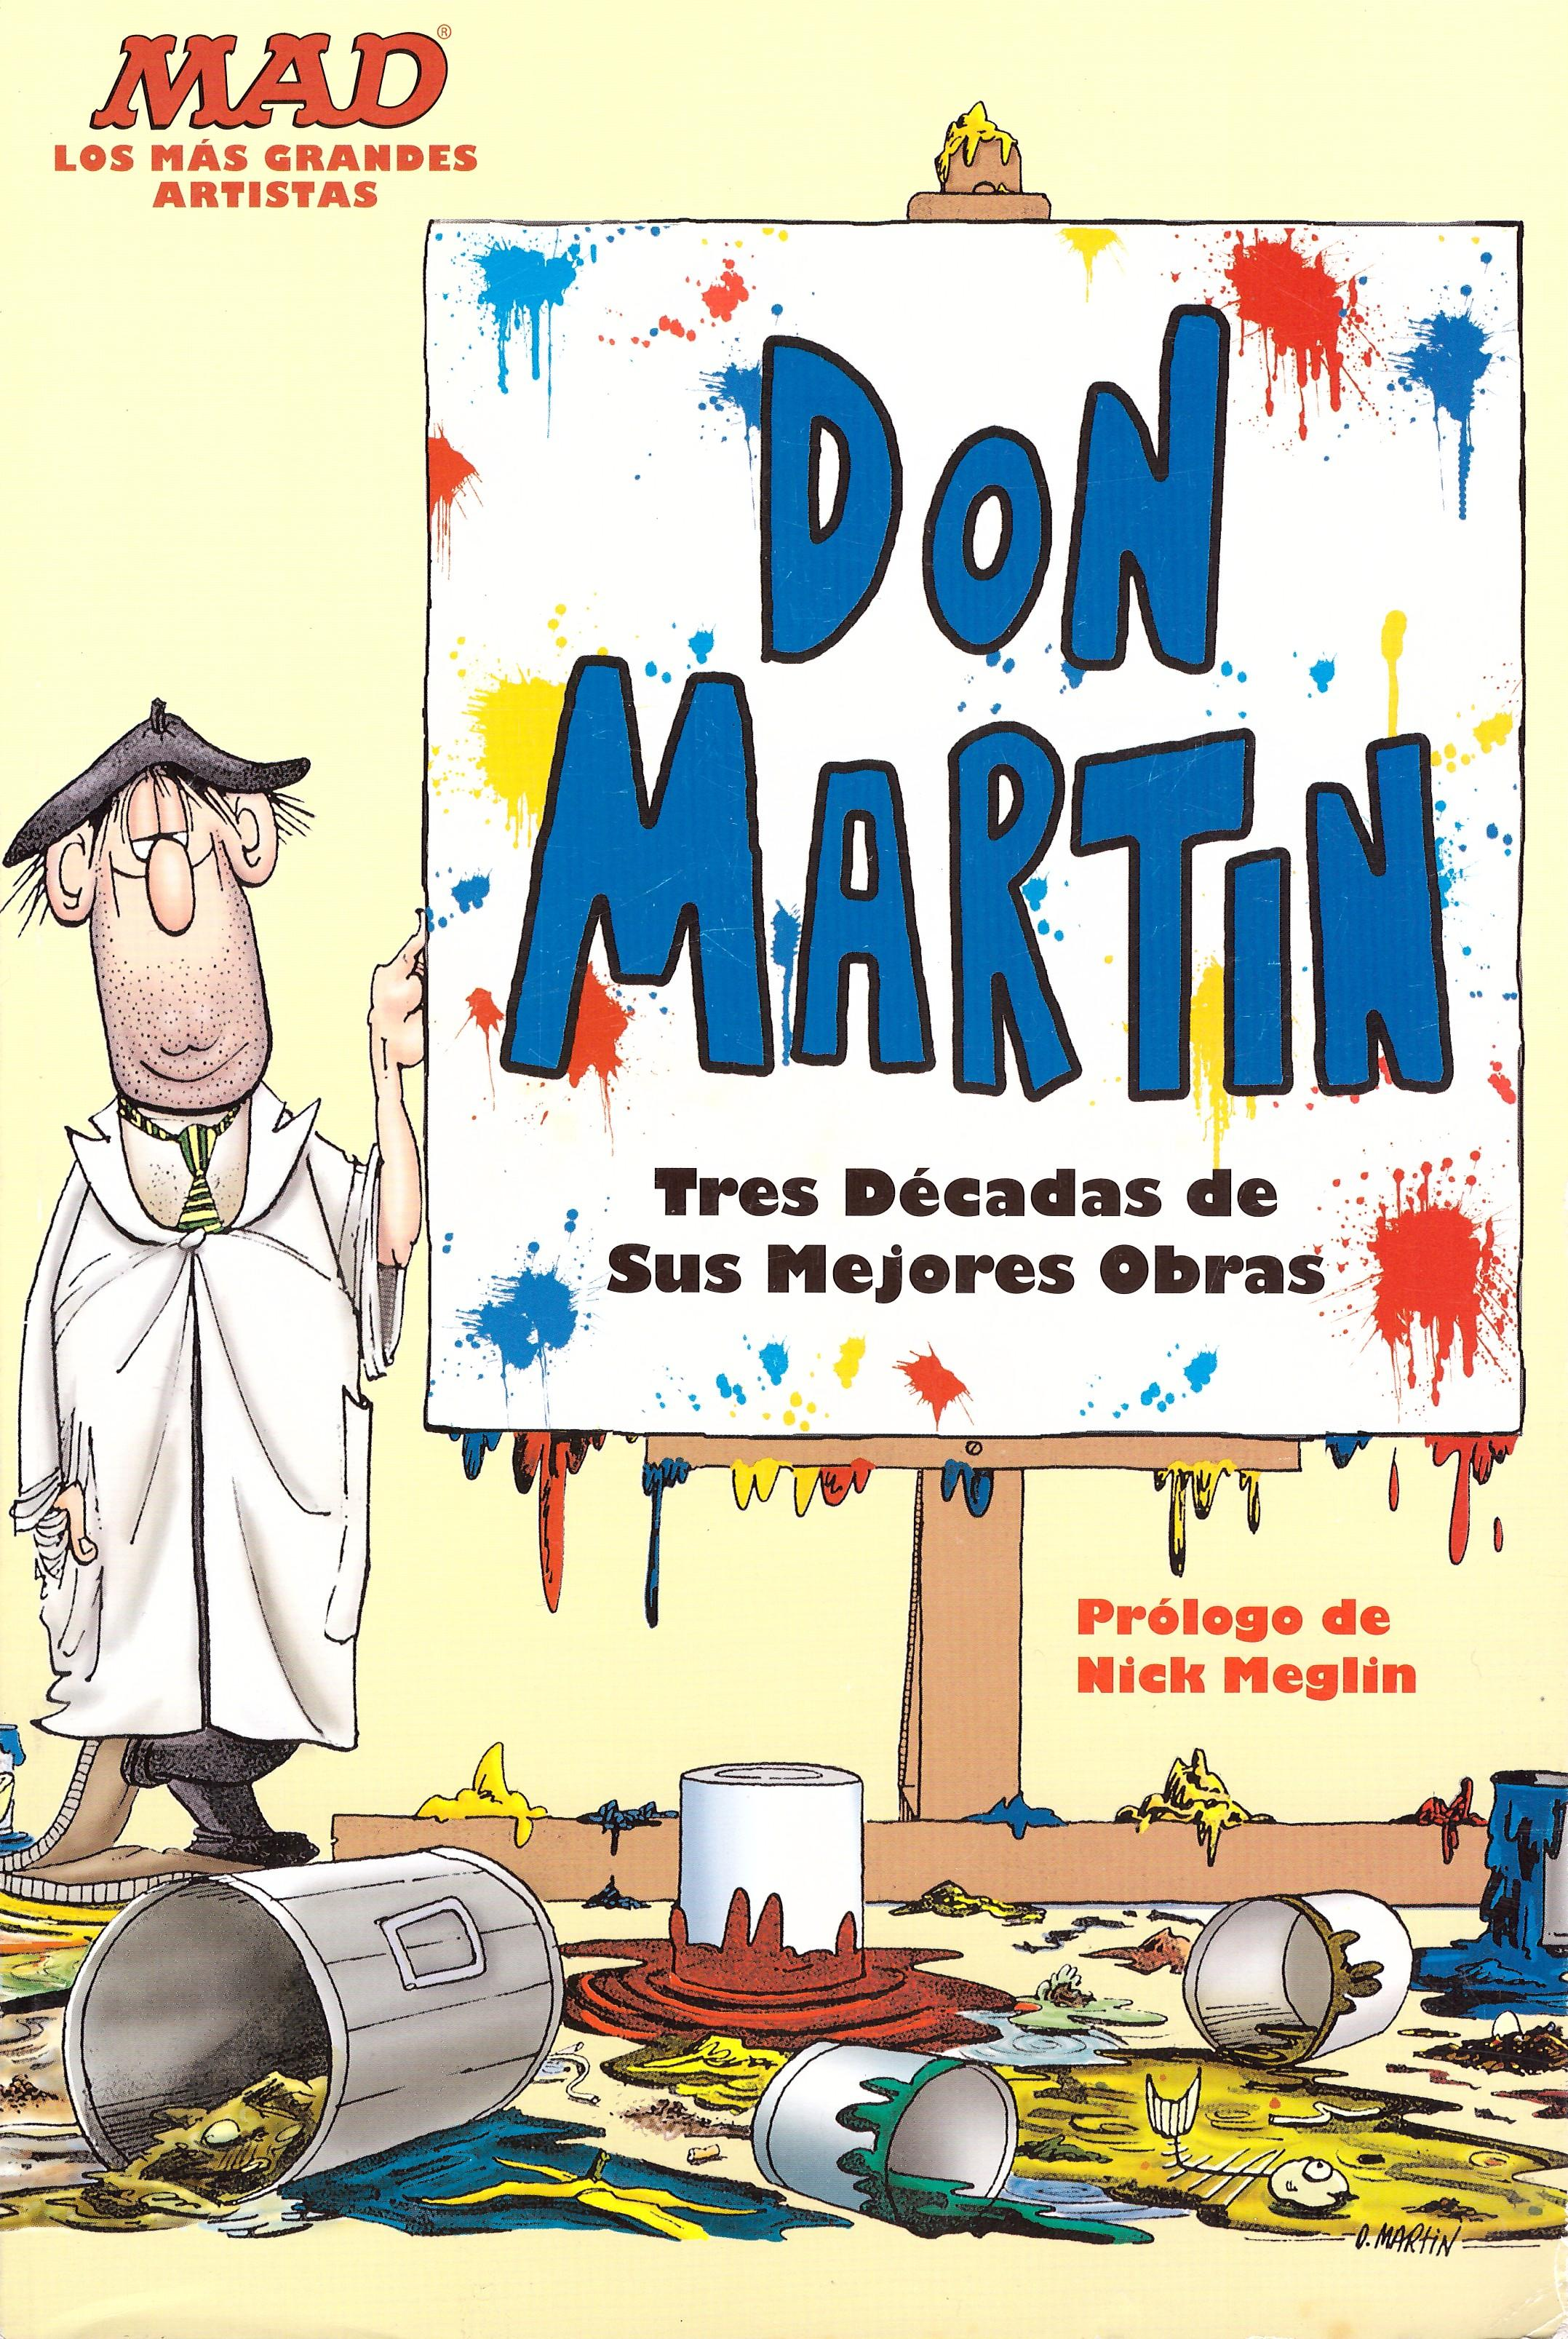 """MAD Los mas grandes artistas """"Don Martin Tres décadas de sus mejores obras"""" • Mexico"""